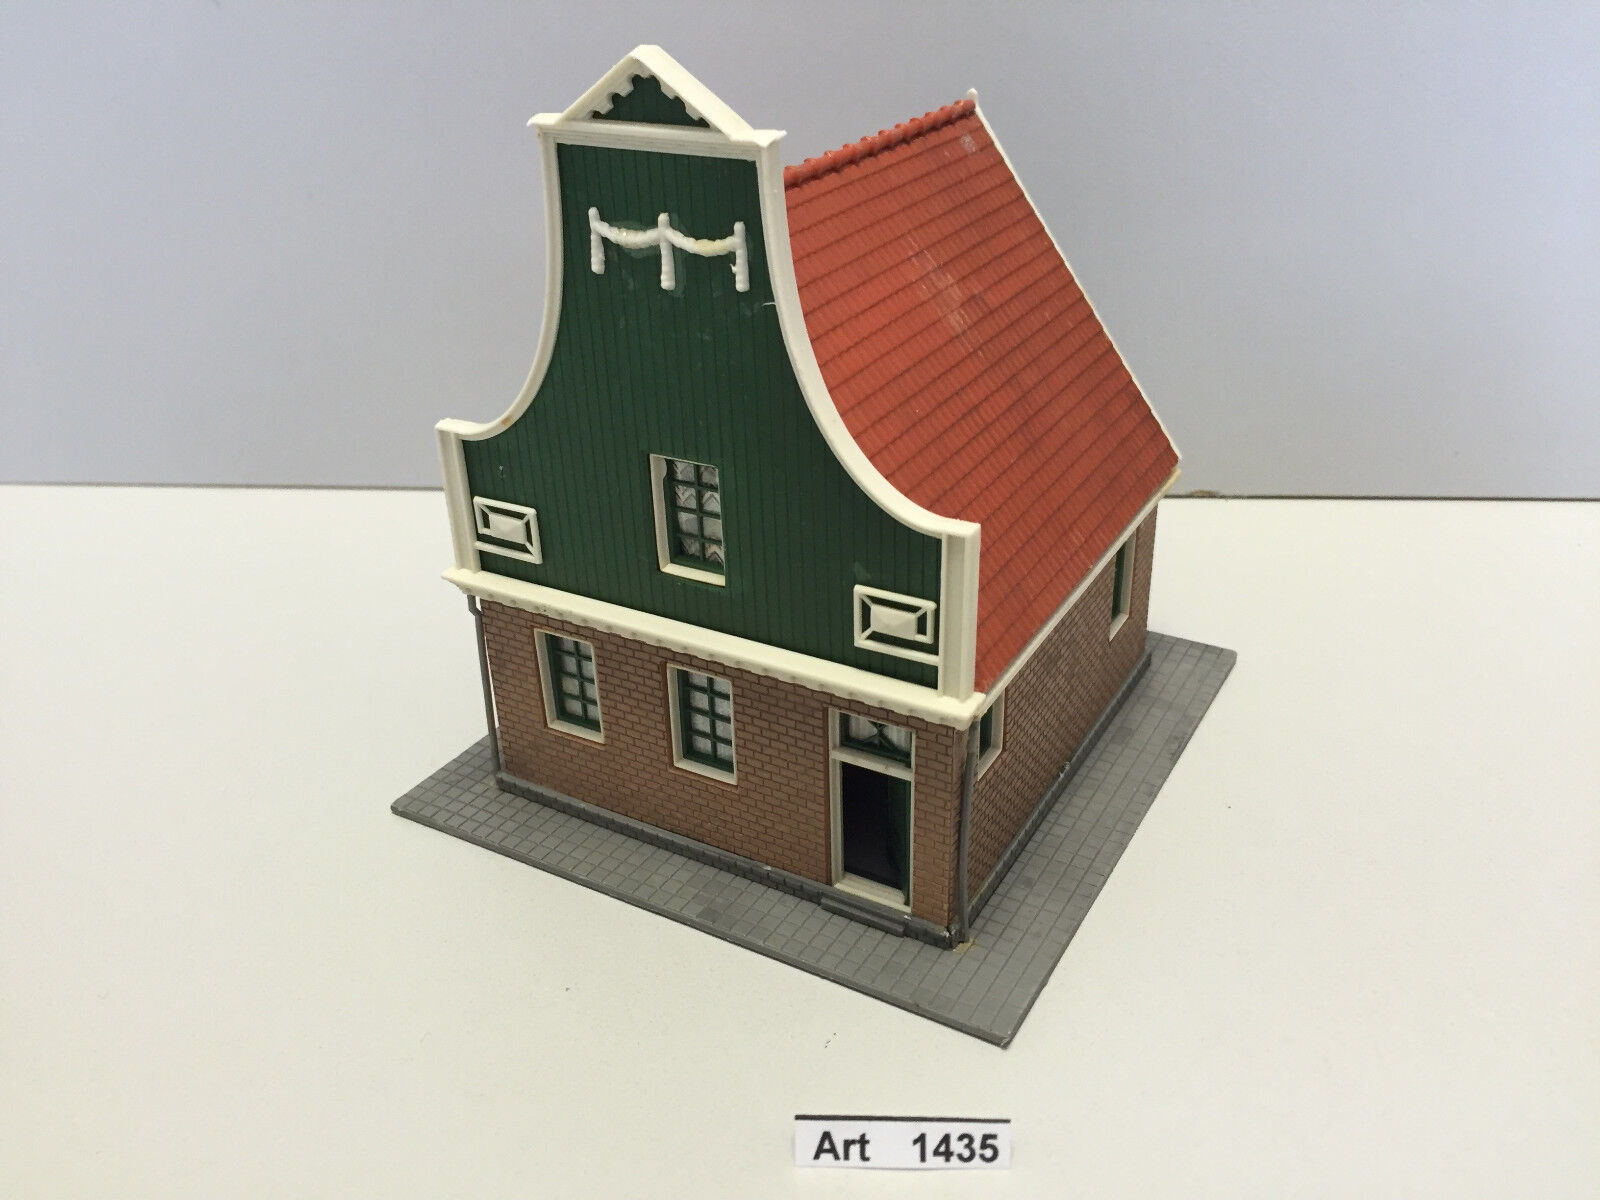 Pola 507 h0 landhaus  o. Simon , casa pegadas listo, 1 87, muy raramente & rar